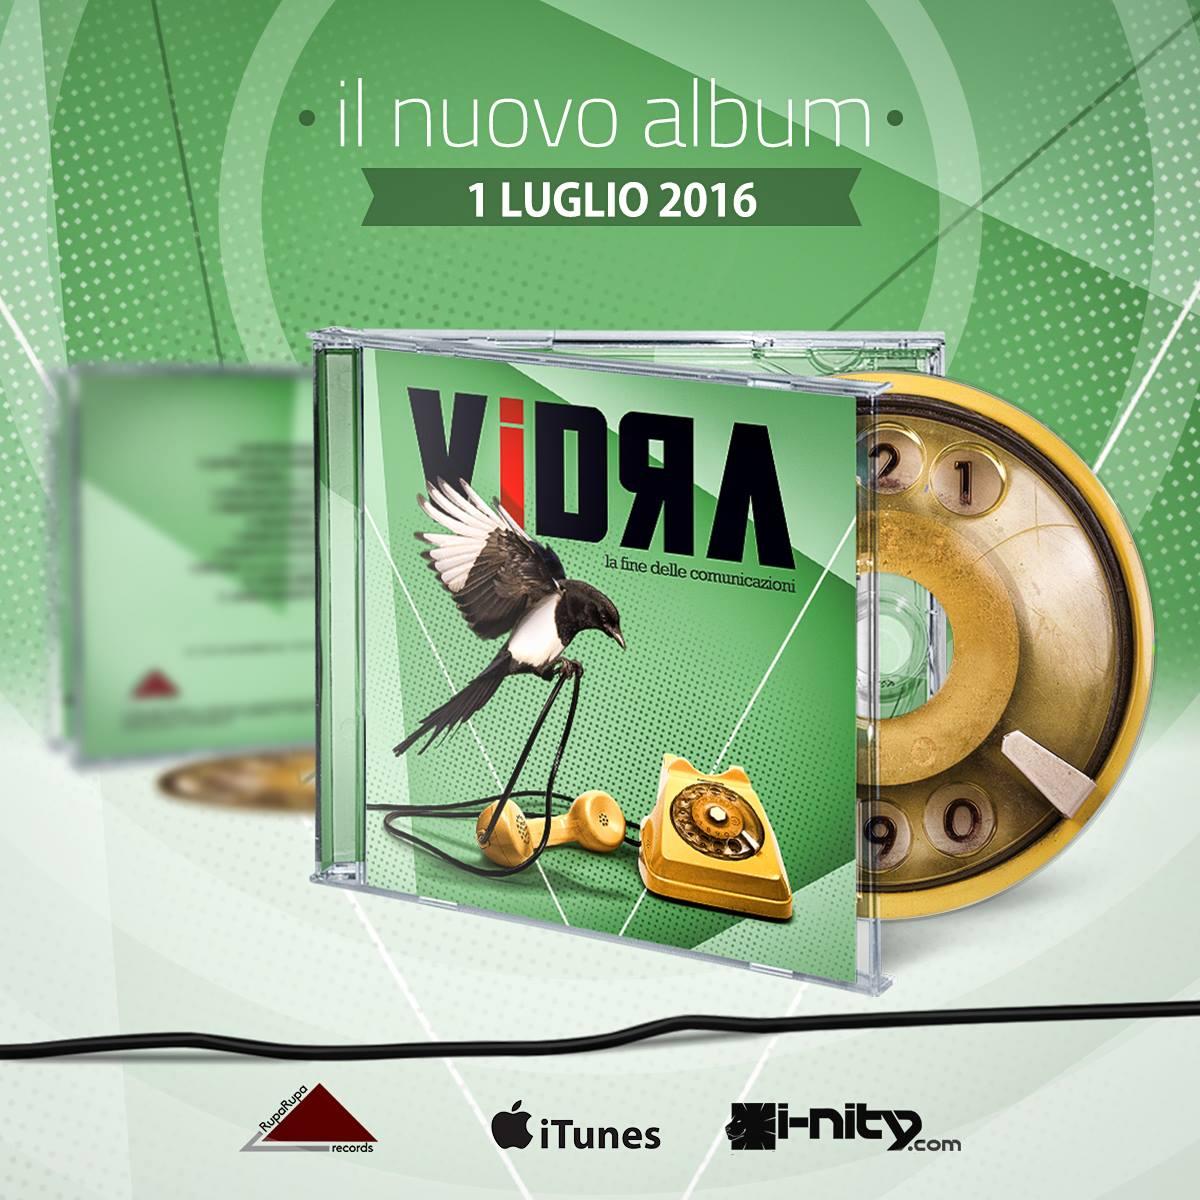 Vidra La fine delle comunicazioni banner promozionale Rupa Rupa Records Francesco Frencio Fecondo Gazza Ladra Magpie Raza Design